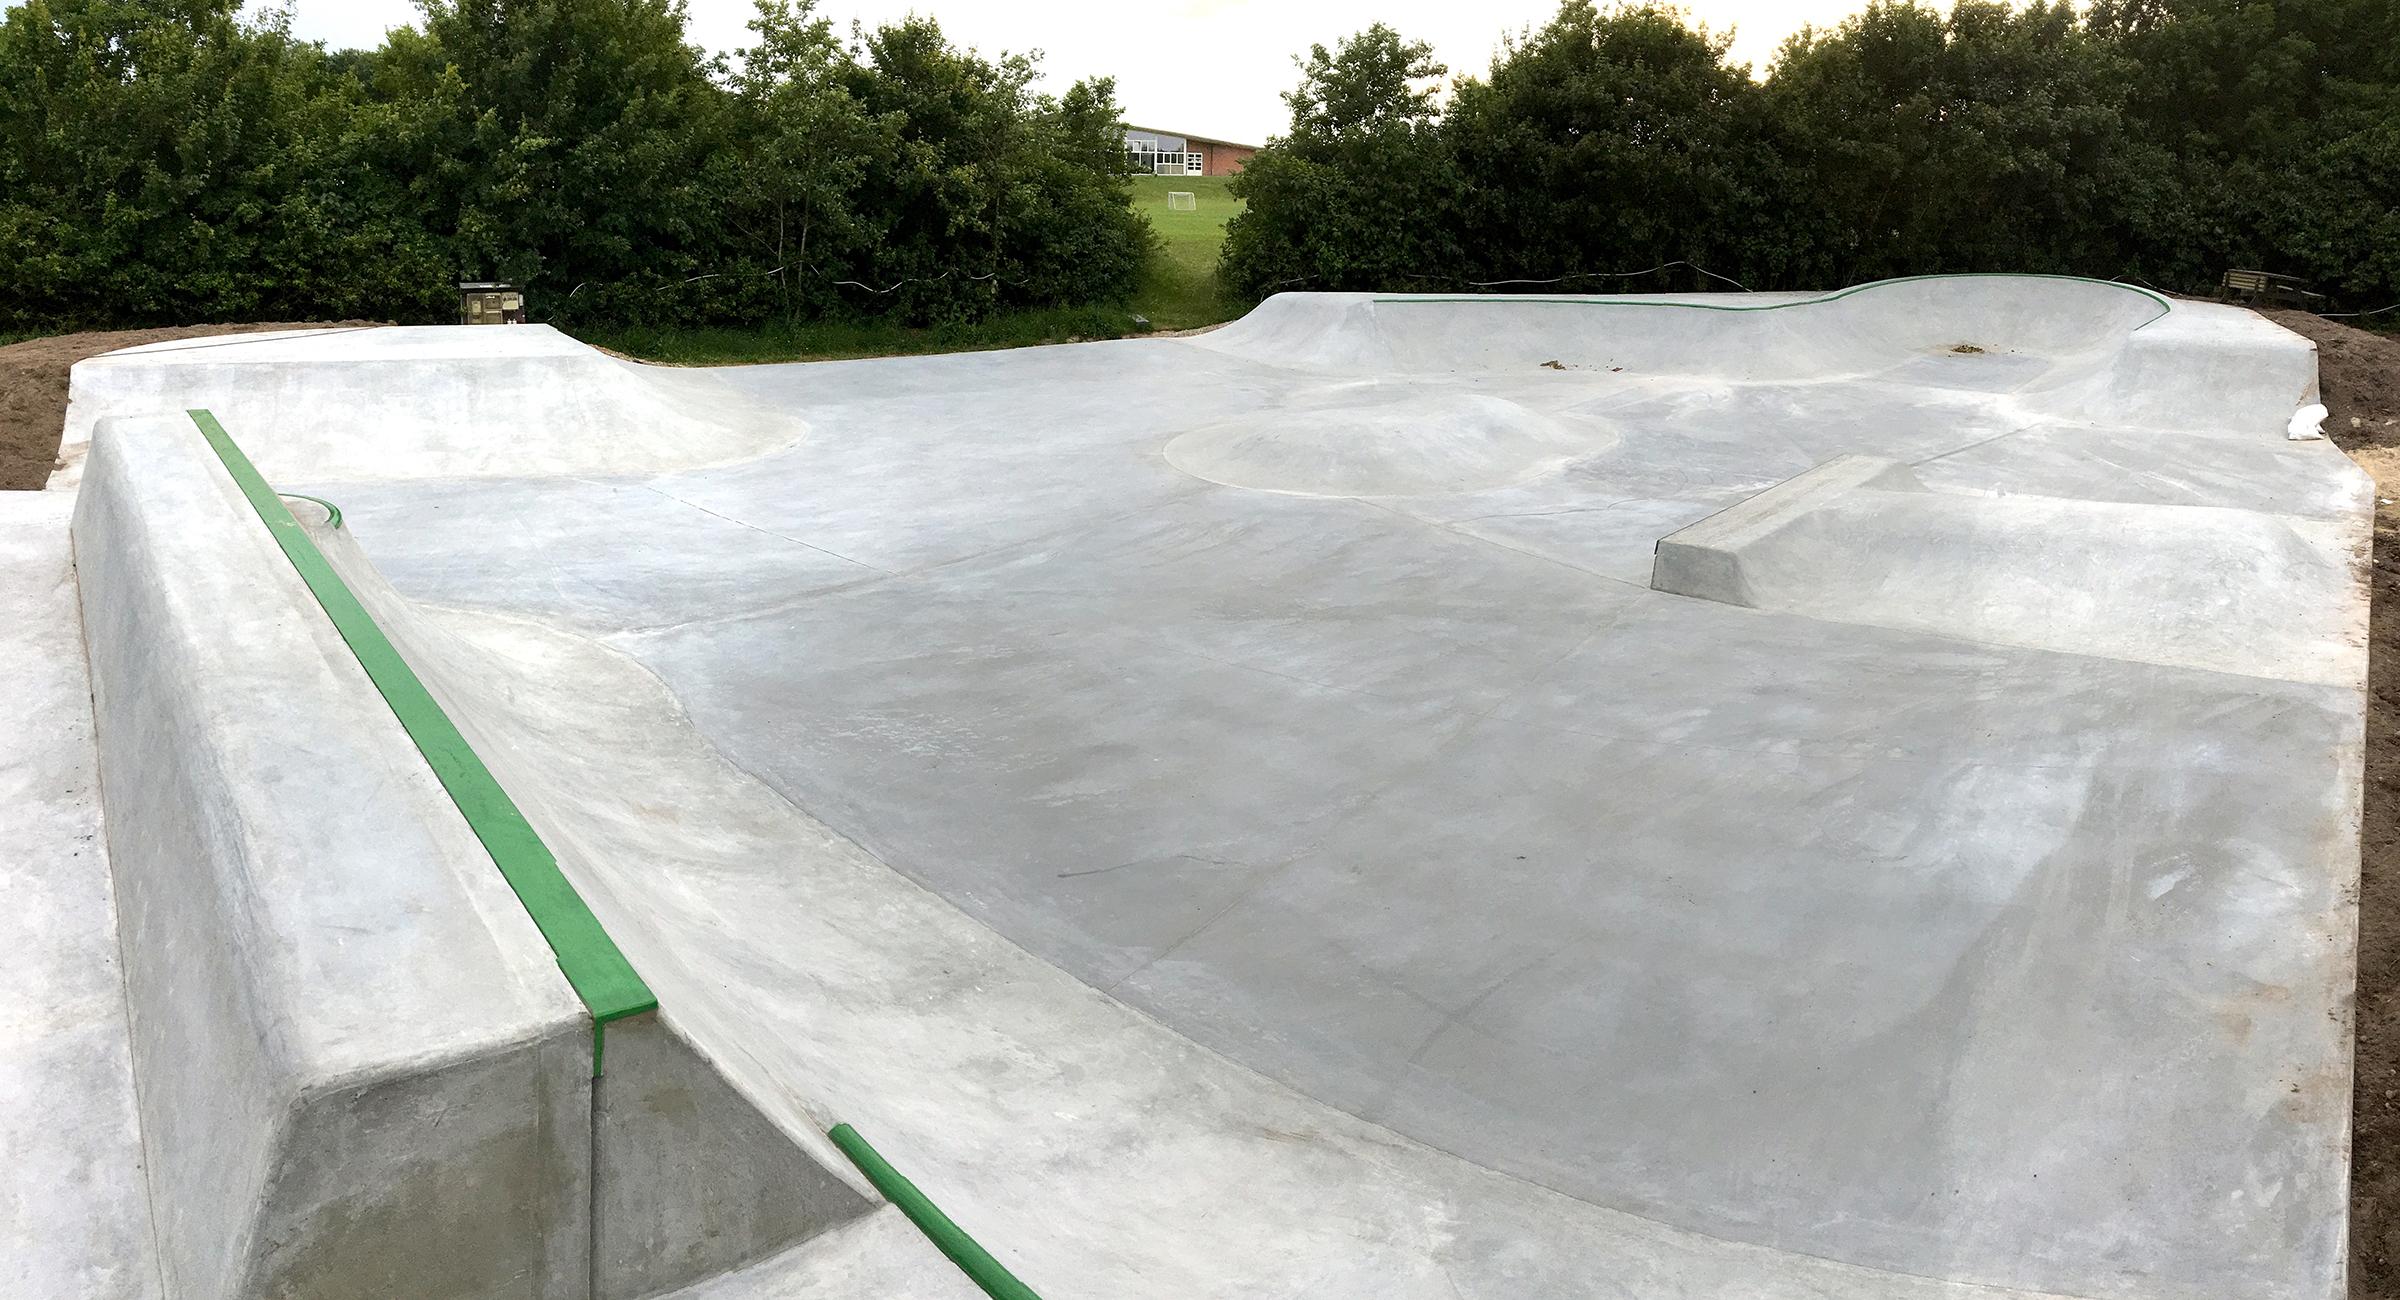 Her ses et overblik over en skatepark i beton